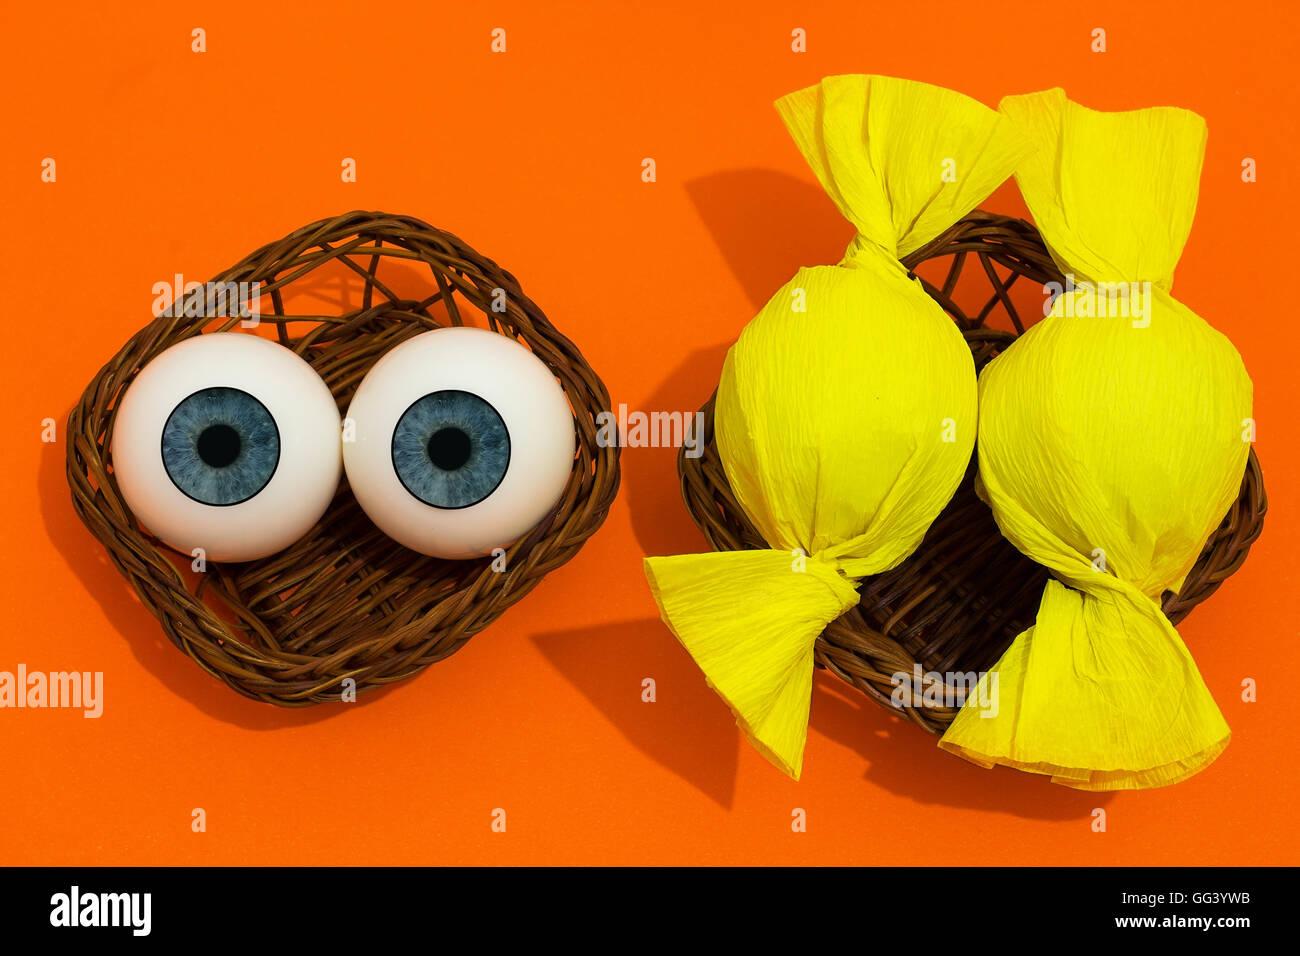 Halloween. divertida escena con dos ojos y dos otros envueltos como caramelos. tema de Halloween. Imagen De Stock